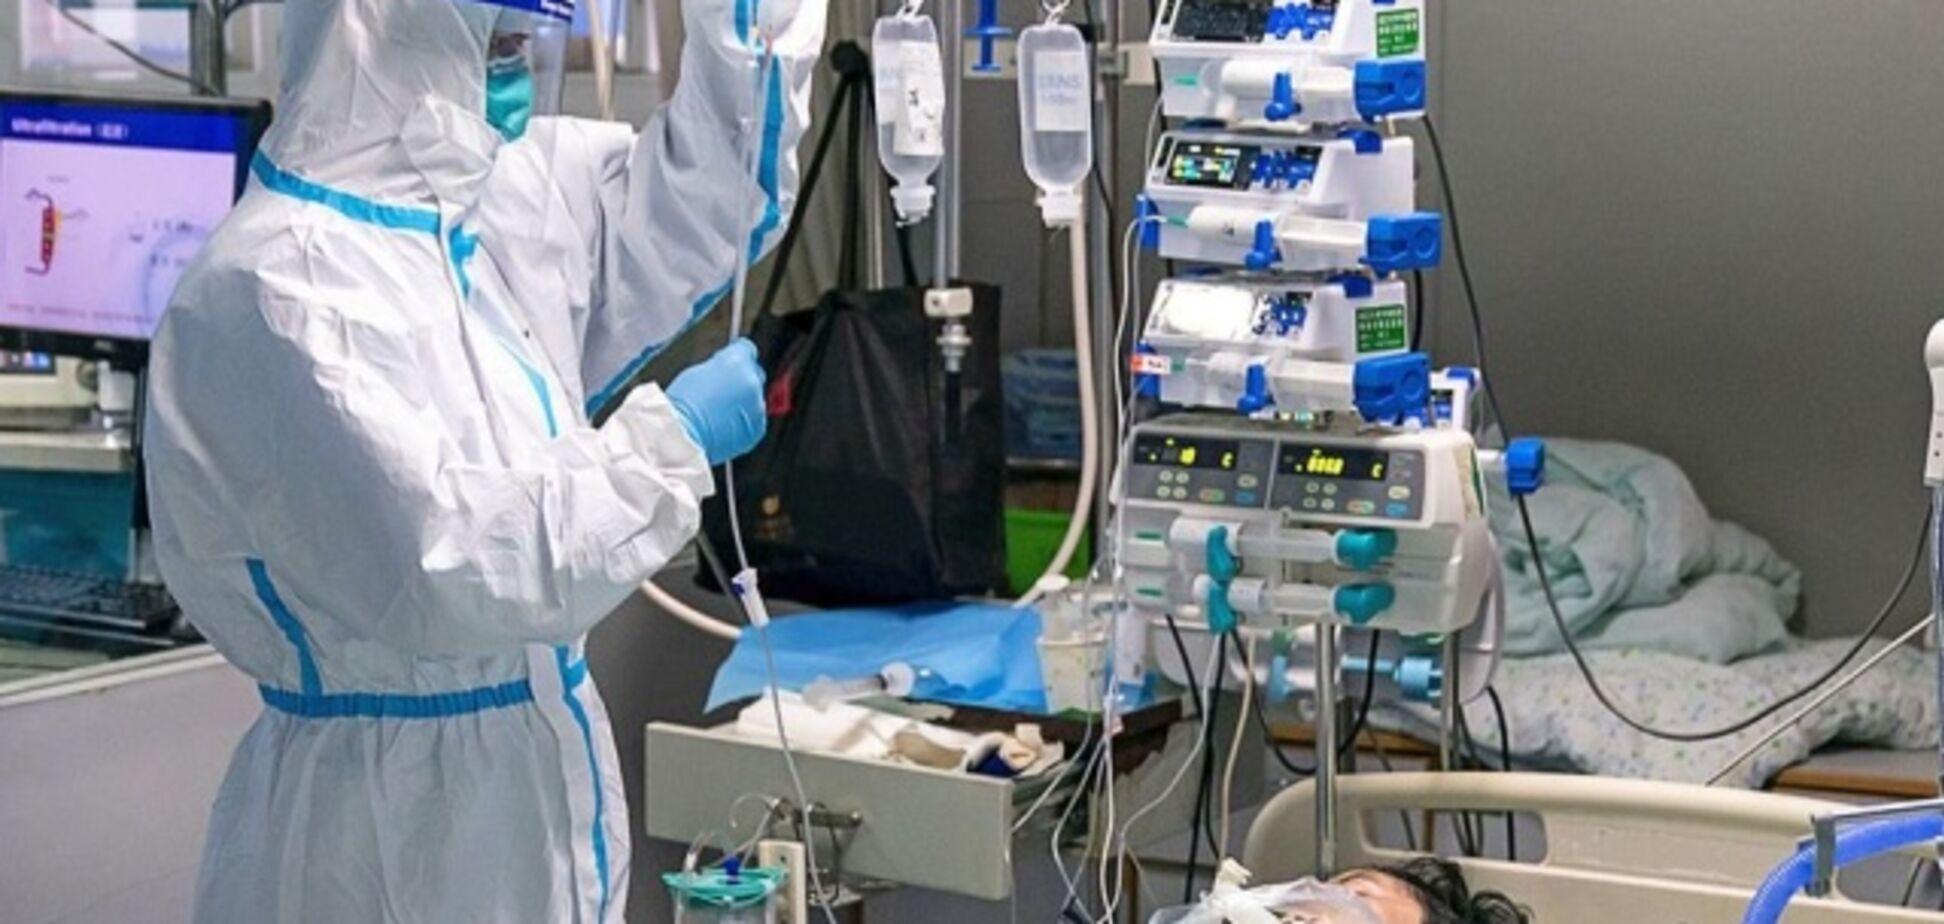 Хворій на коронавірус жительці Першотравенська більш як тиждень відмовляли в діагностиці